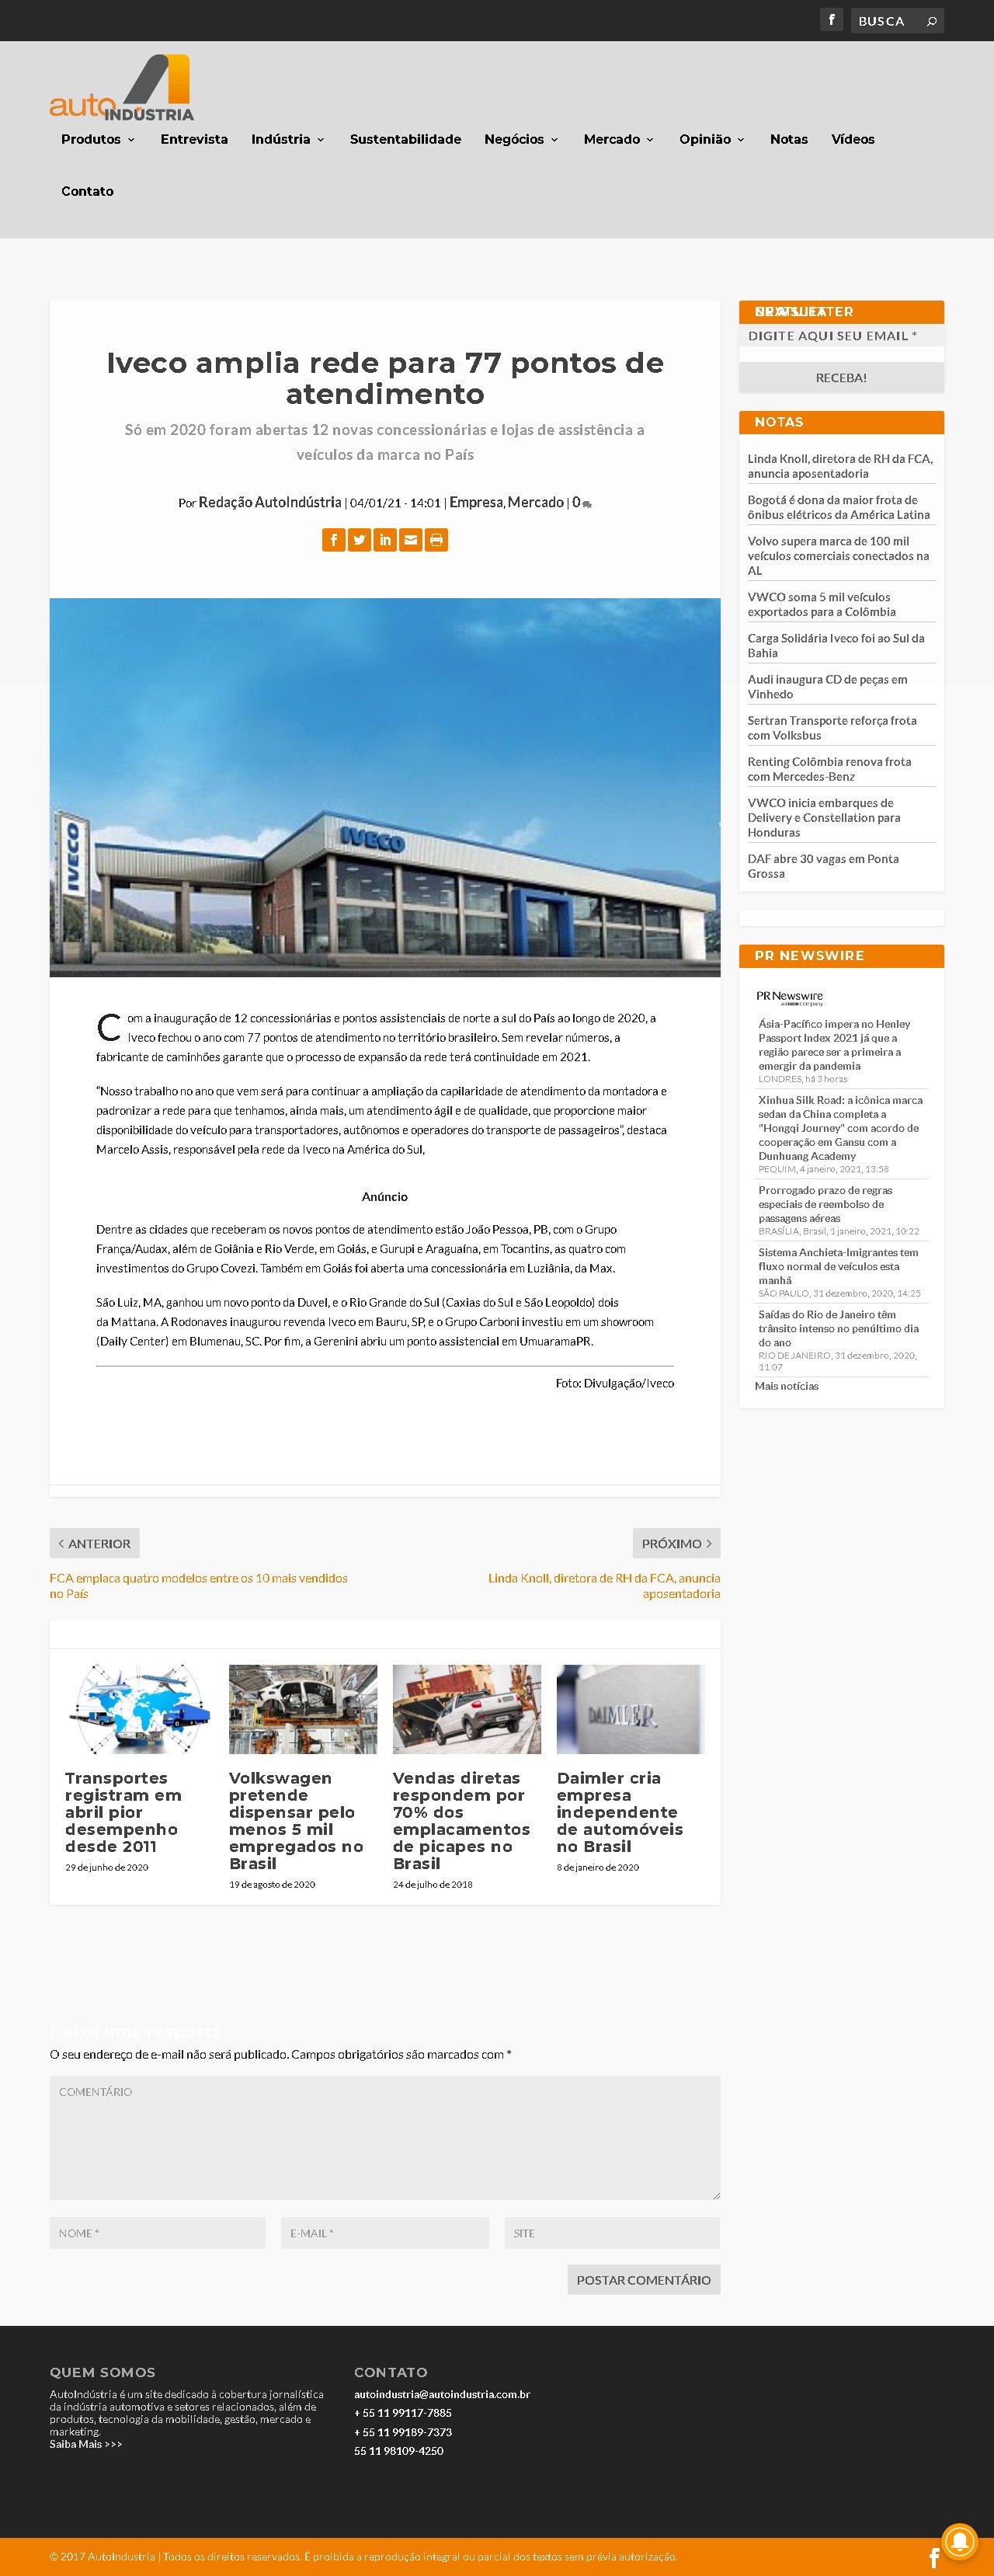 Iveco amplia rede para 77 pontos de atendimento - Auto Indústria